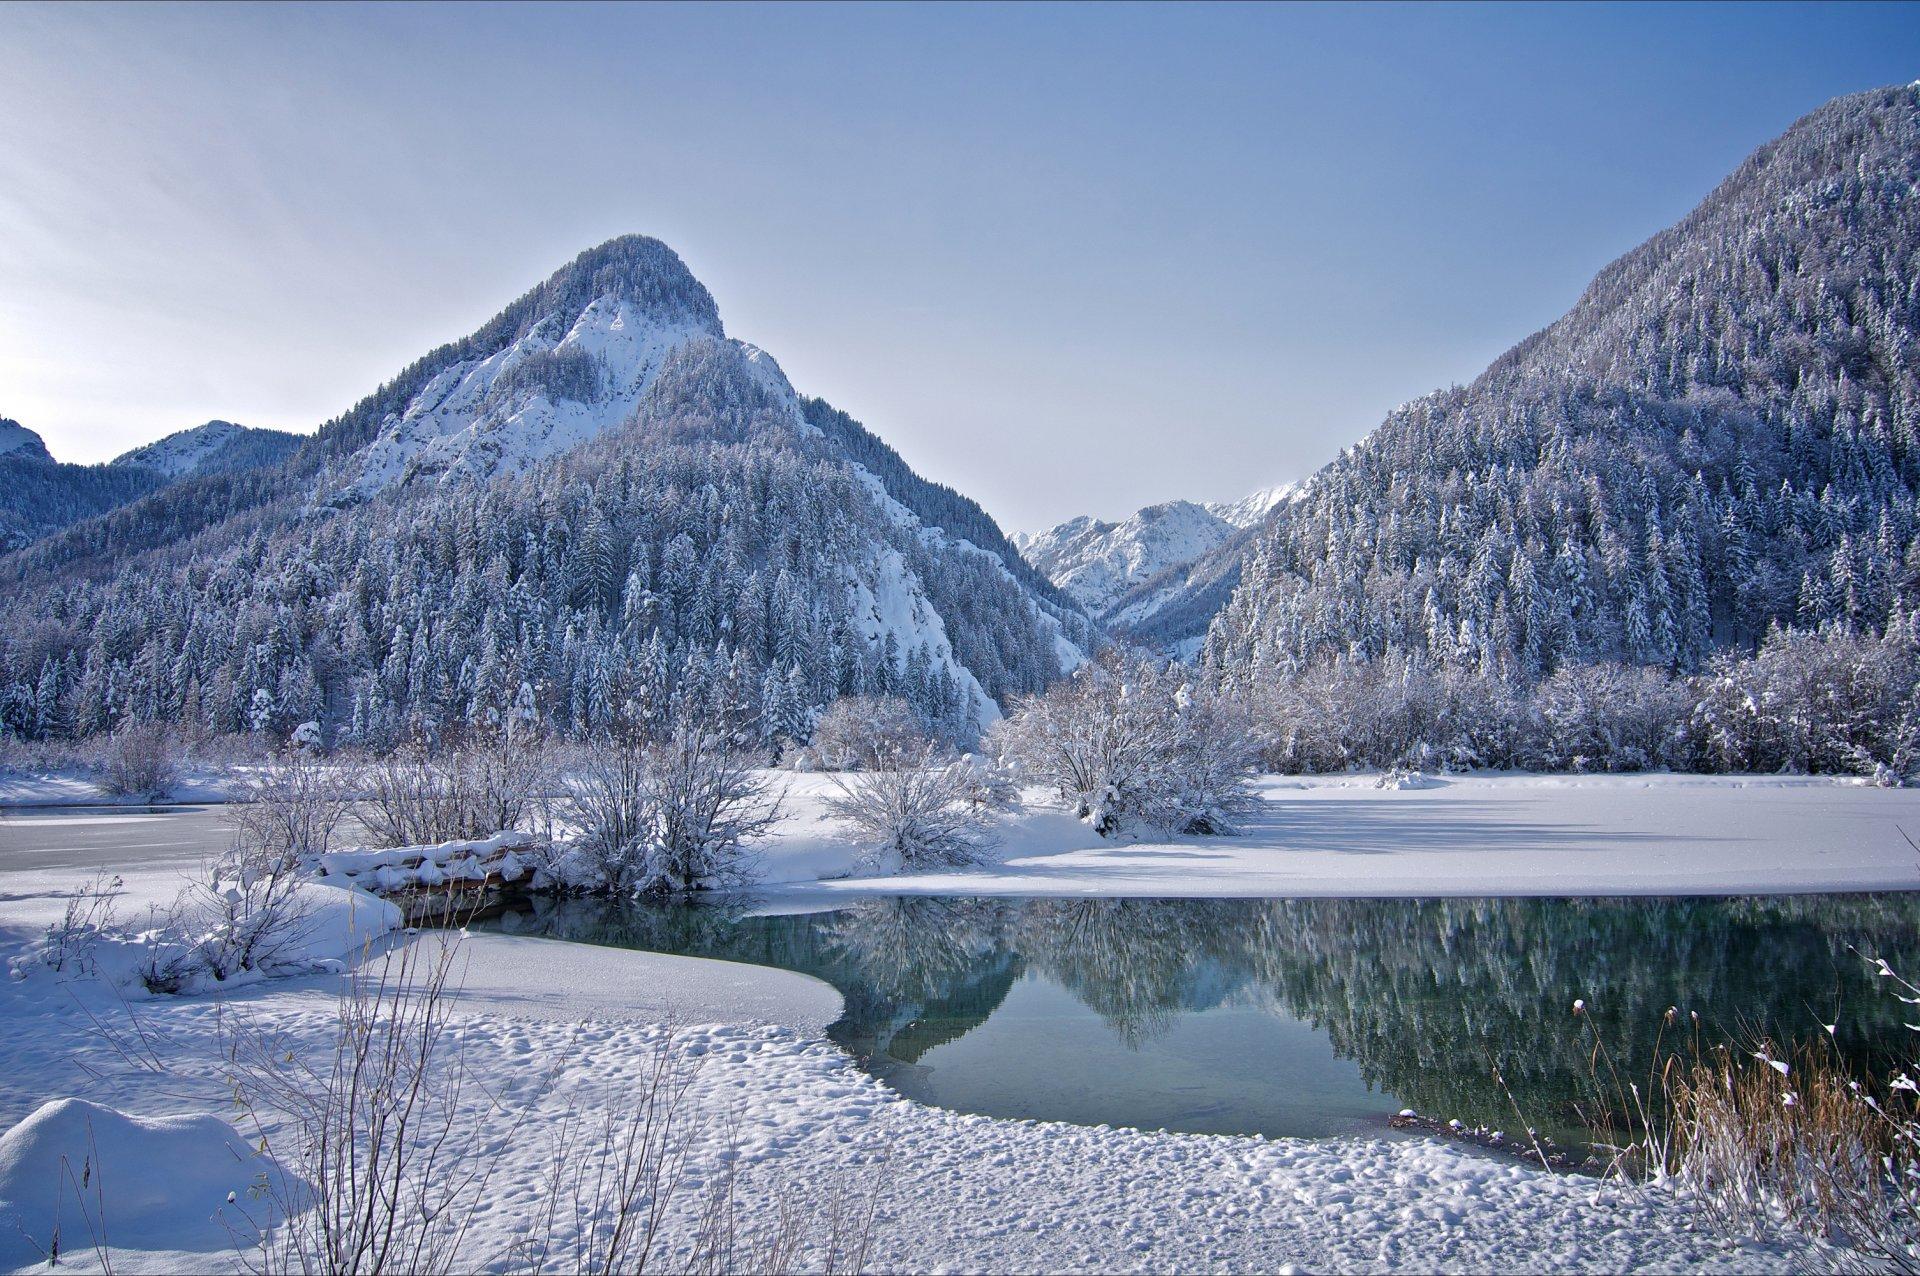 горное озеро зимой фото проблему создает современная